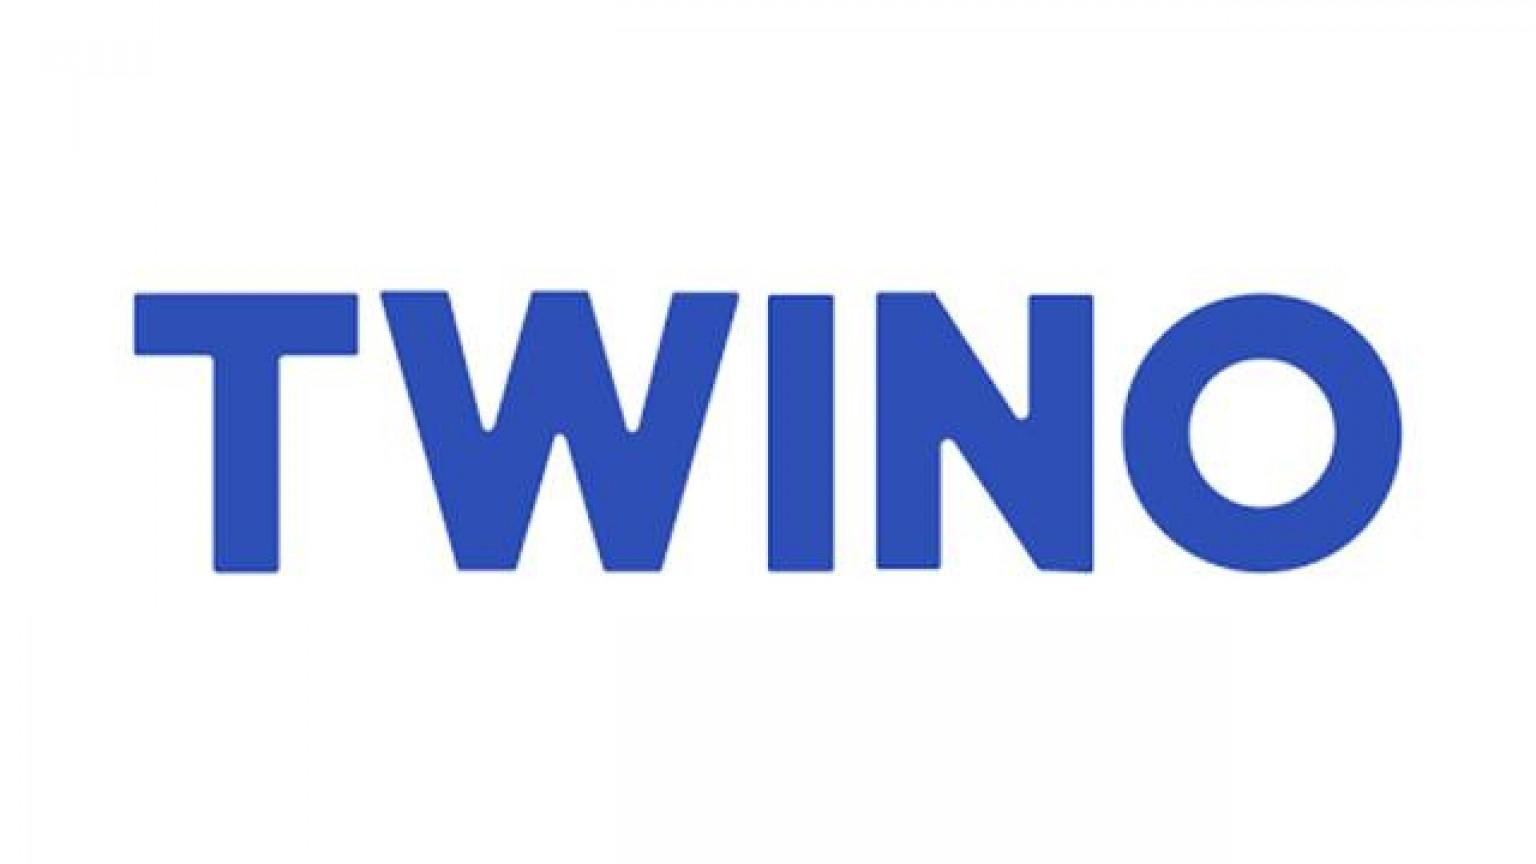 Logo of Peer-to-Peer lending marketplace Twino